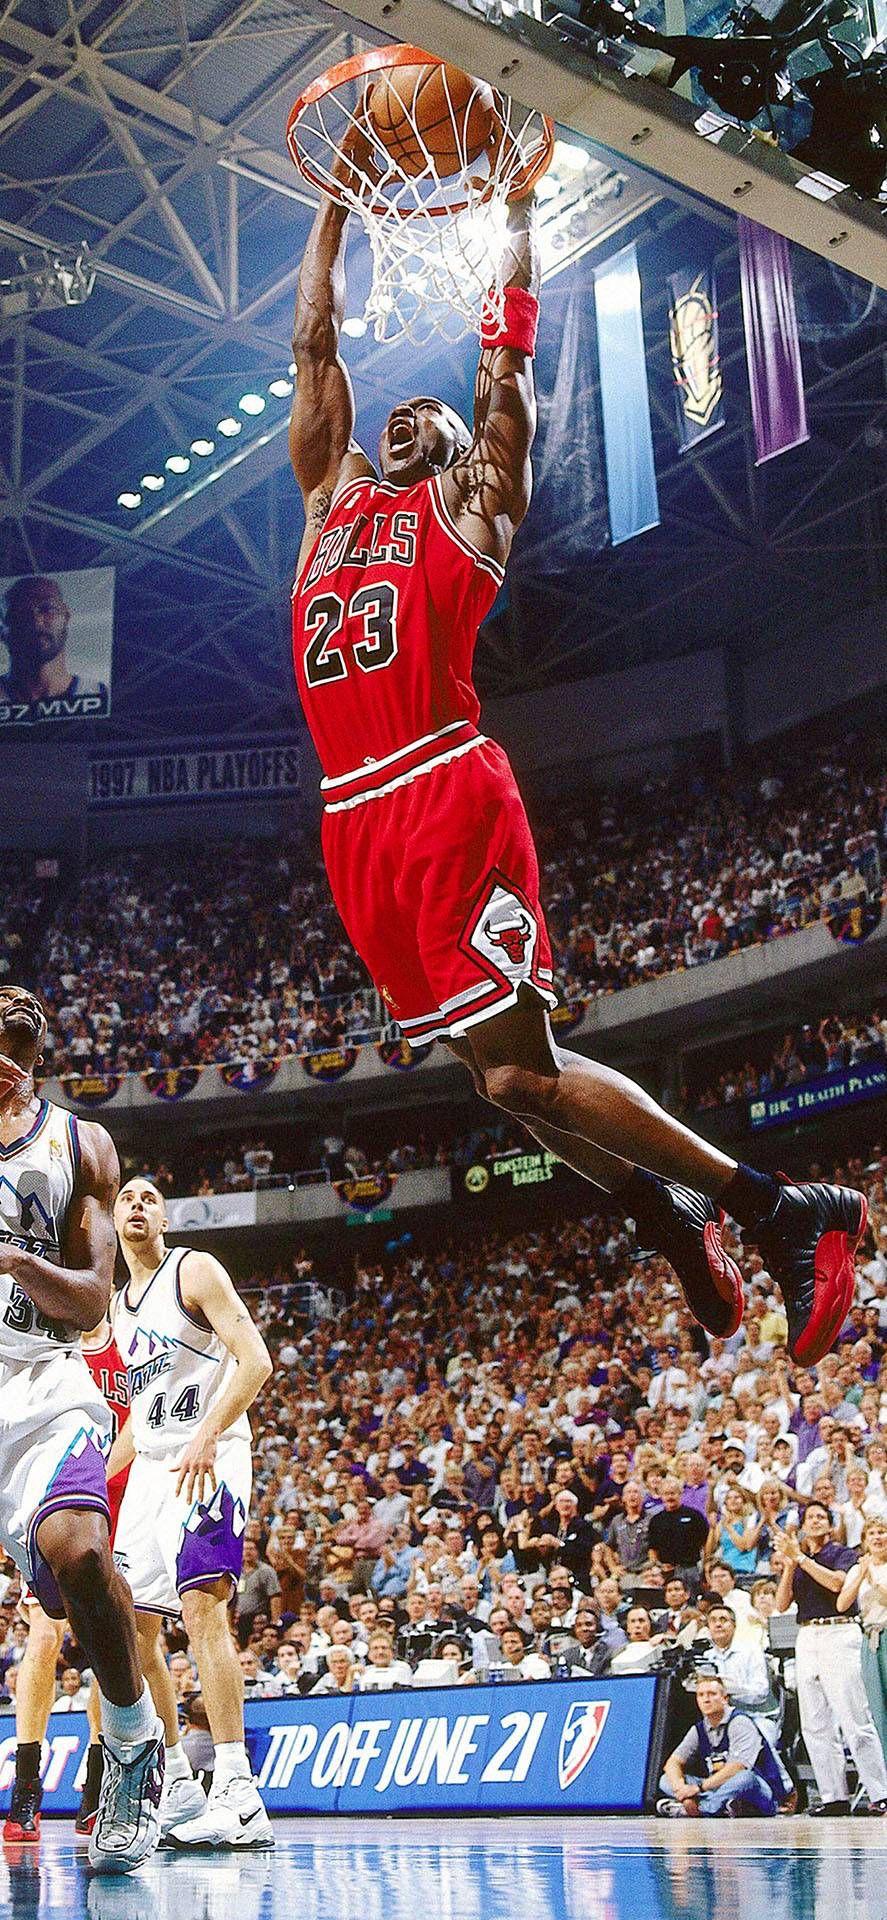 Michael Jordan 01 In 2020 Michael Jordan Pictures Michael Jordan Basketball Michael Jordan Dunking